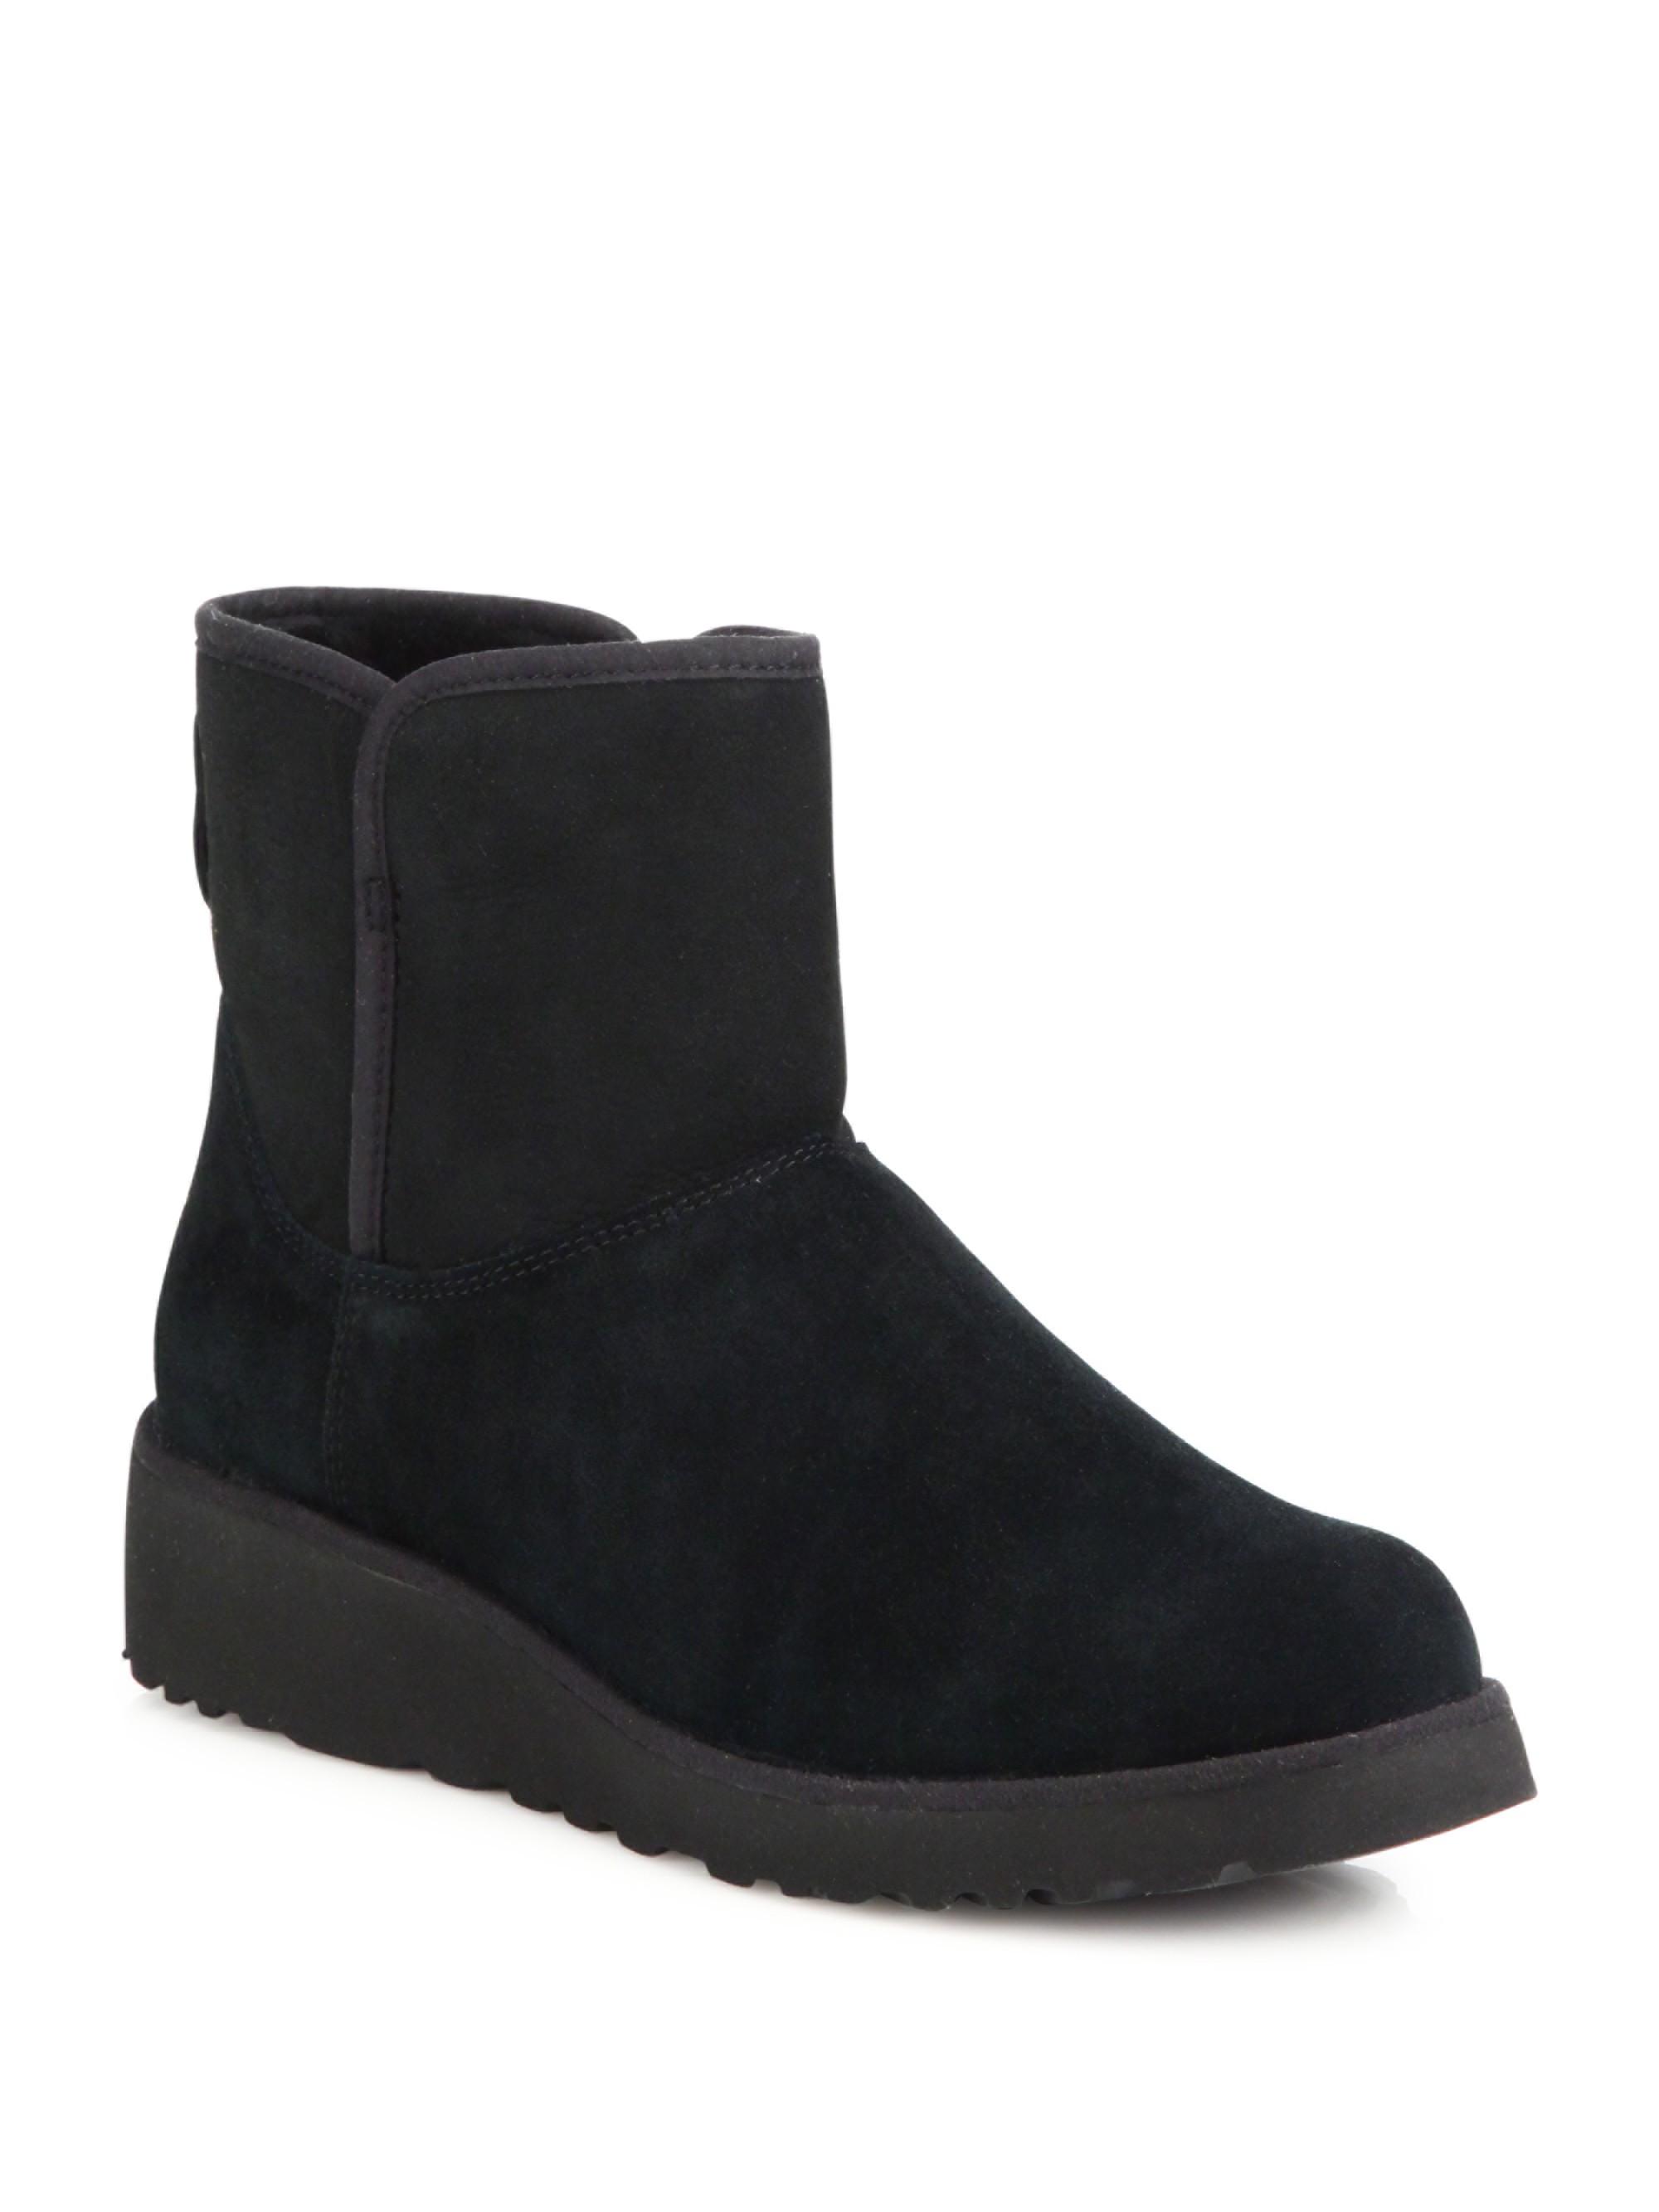 66113e0a9af Ugg Australia Kristin Slim Short Sheepskin Wedge Boots - Chestnut 8 ...